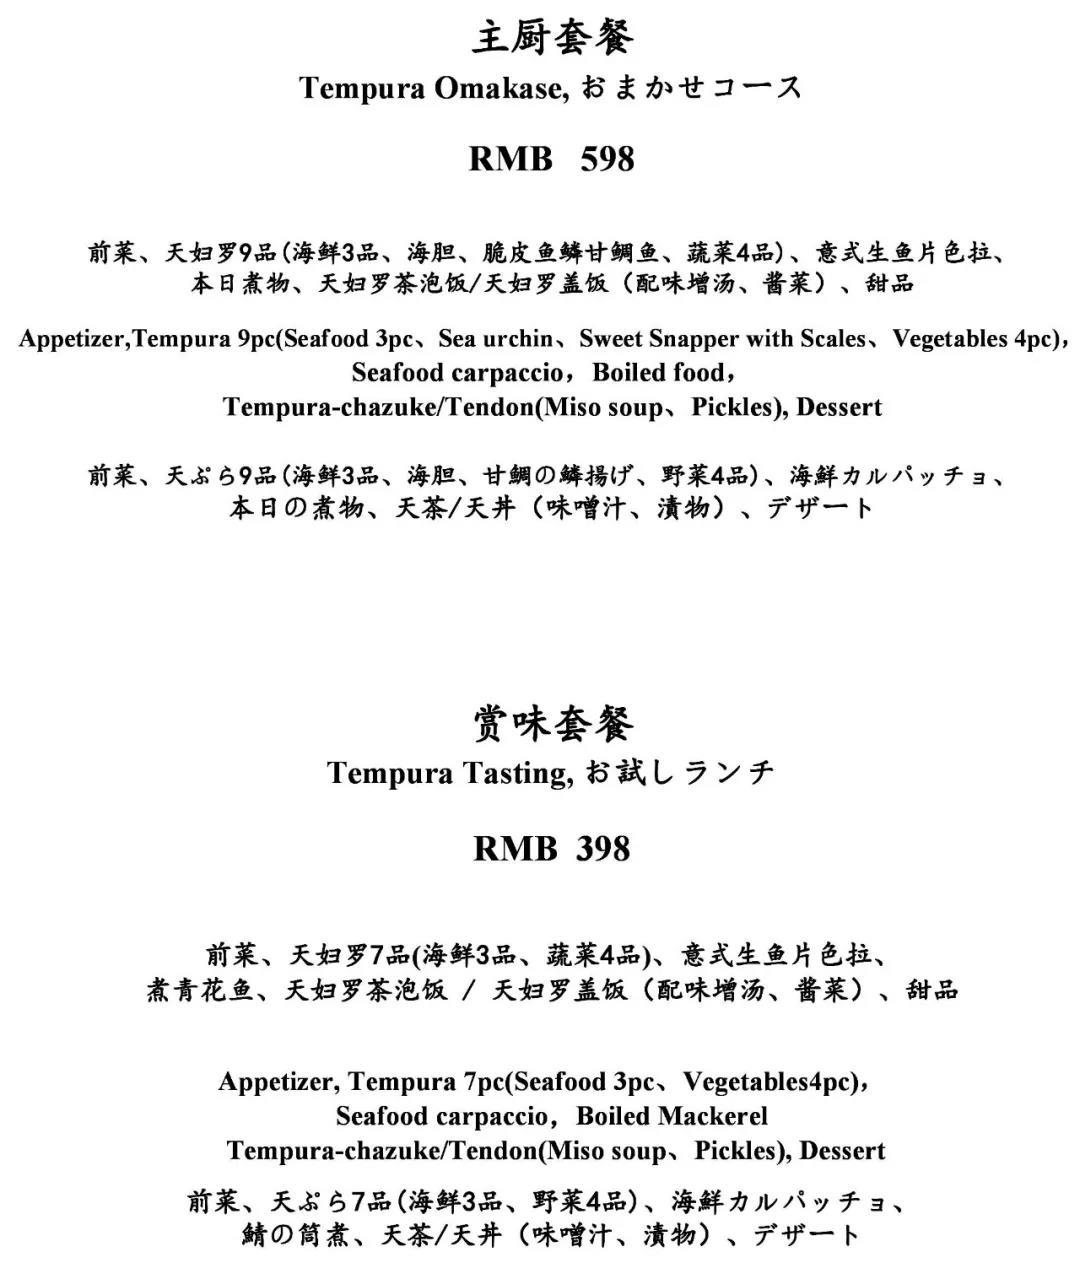 天ぷら [上海店] ランチメニュー2